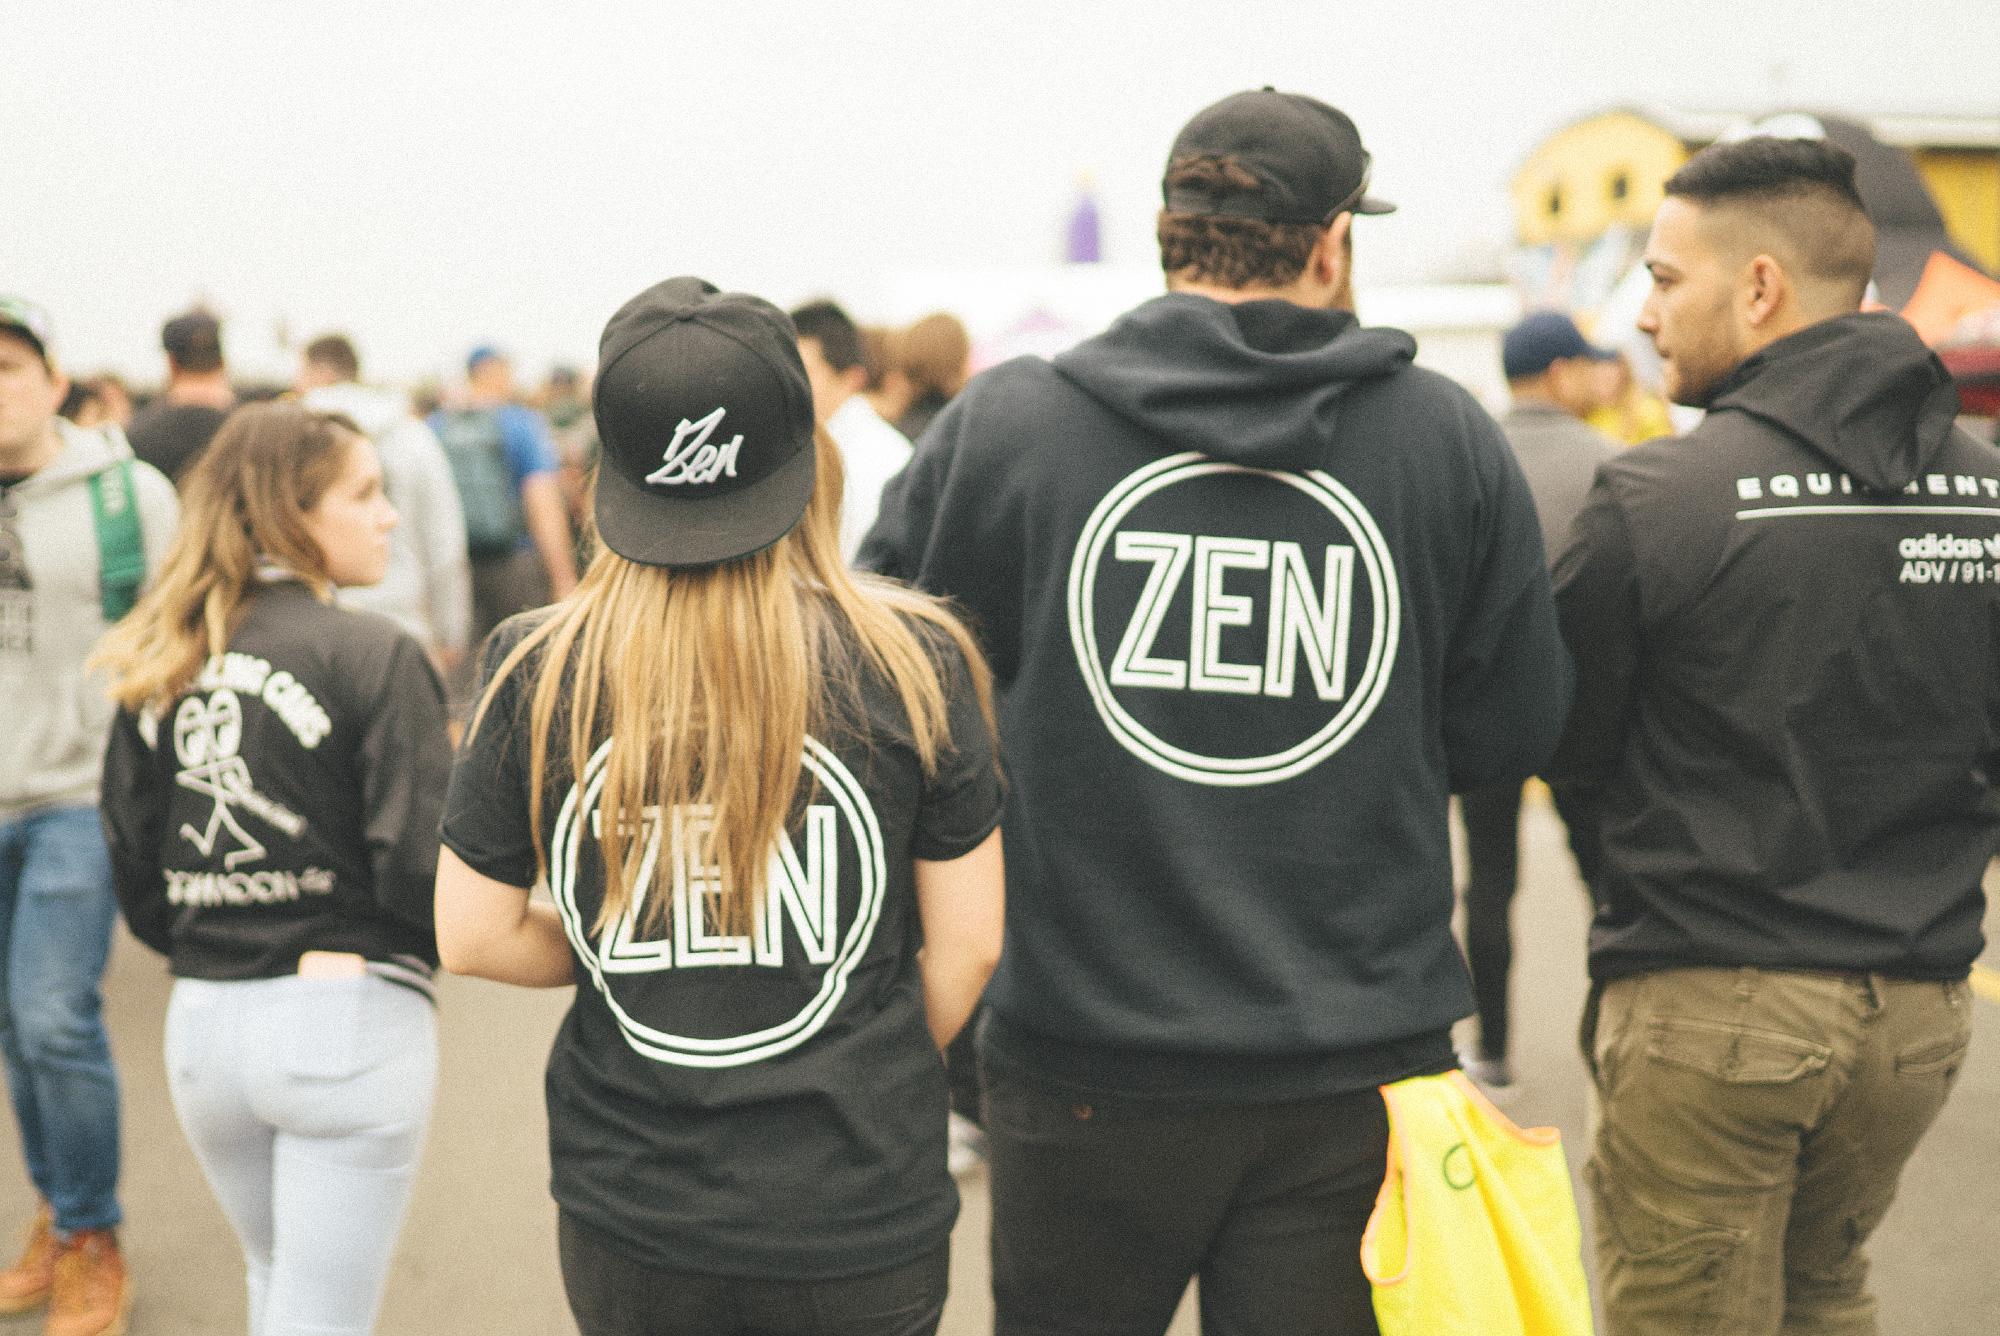 zenfam